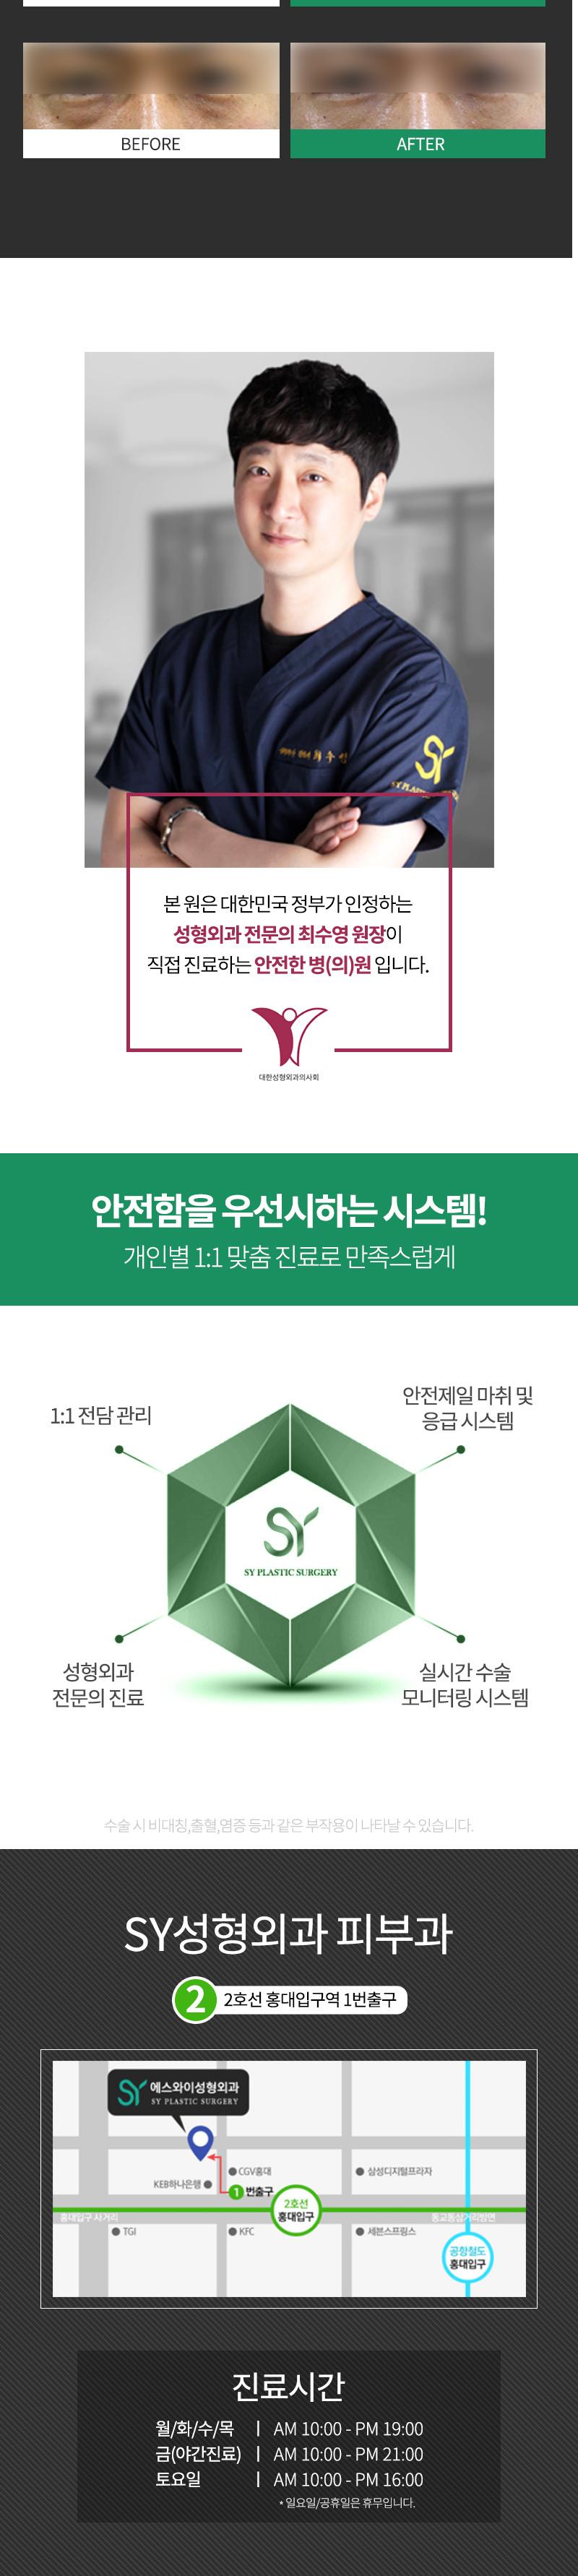 D event info 5a5266bc7467c9e0e2